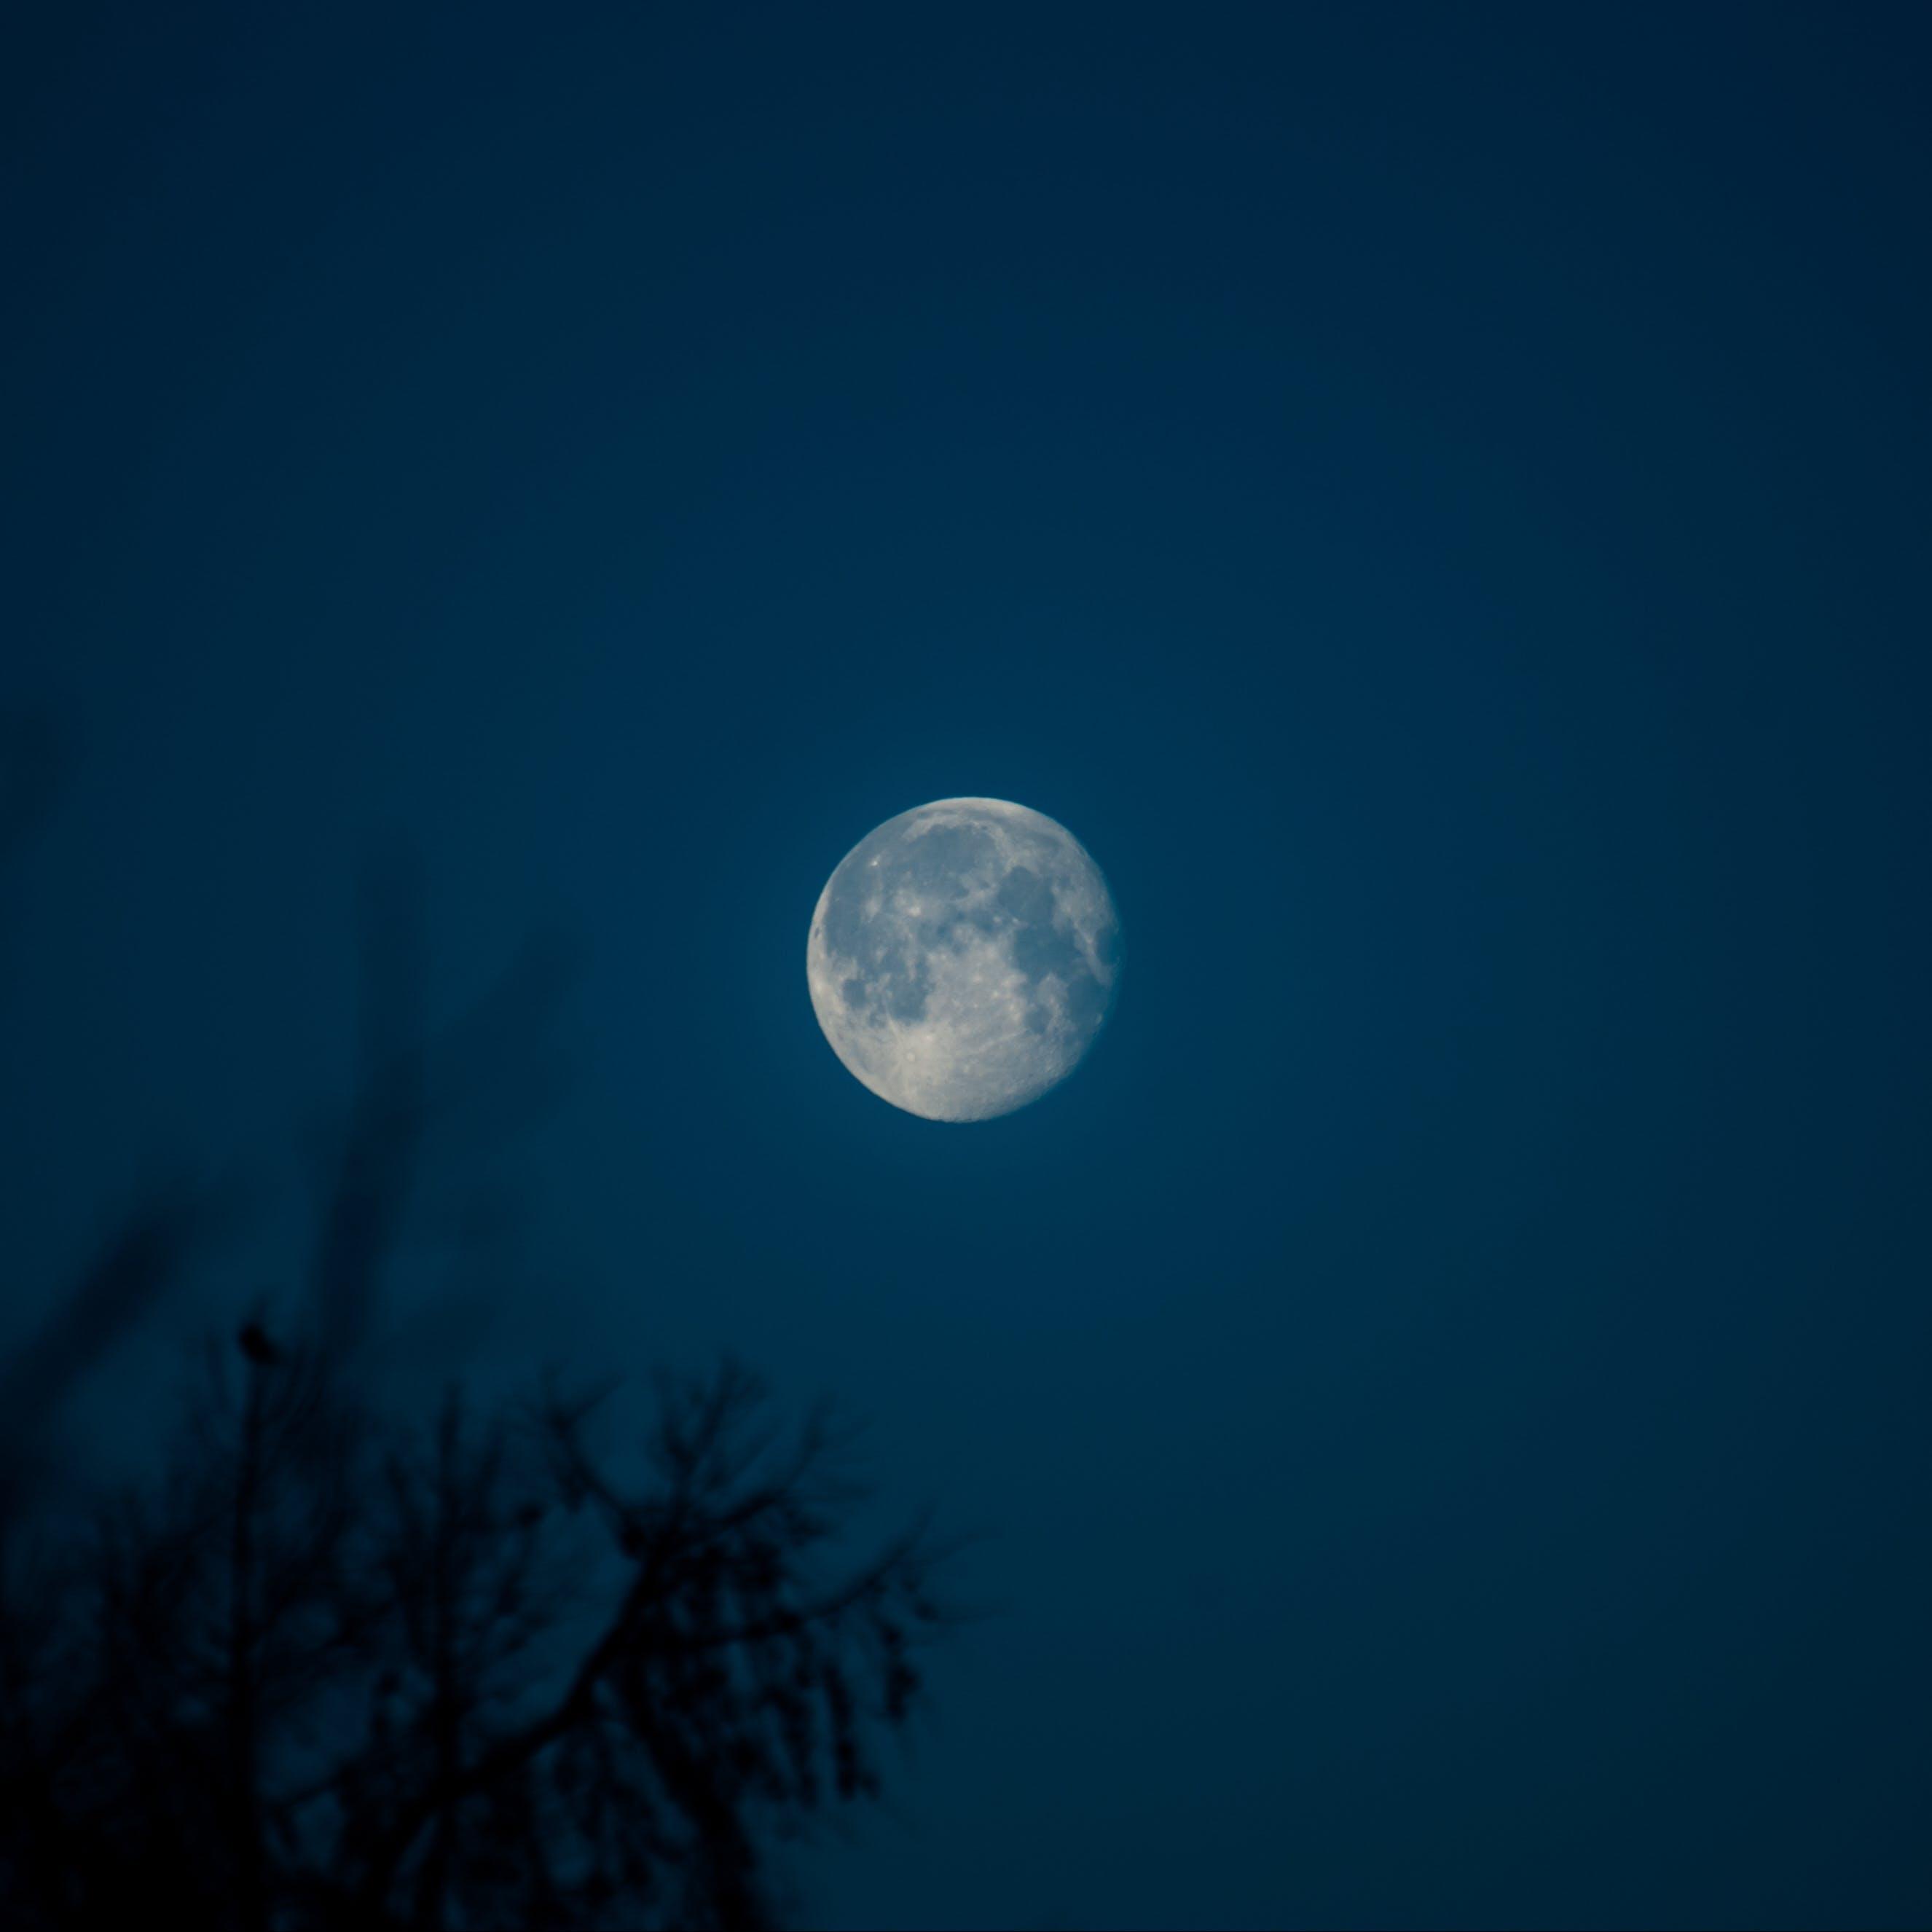 Kostenloses Stock Foto zu dunkel, hell, mond, nacht